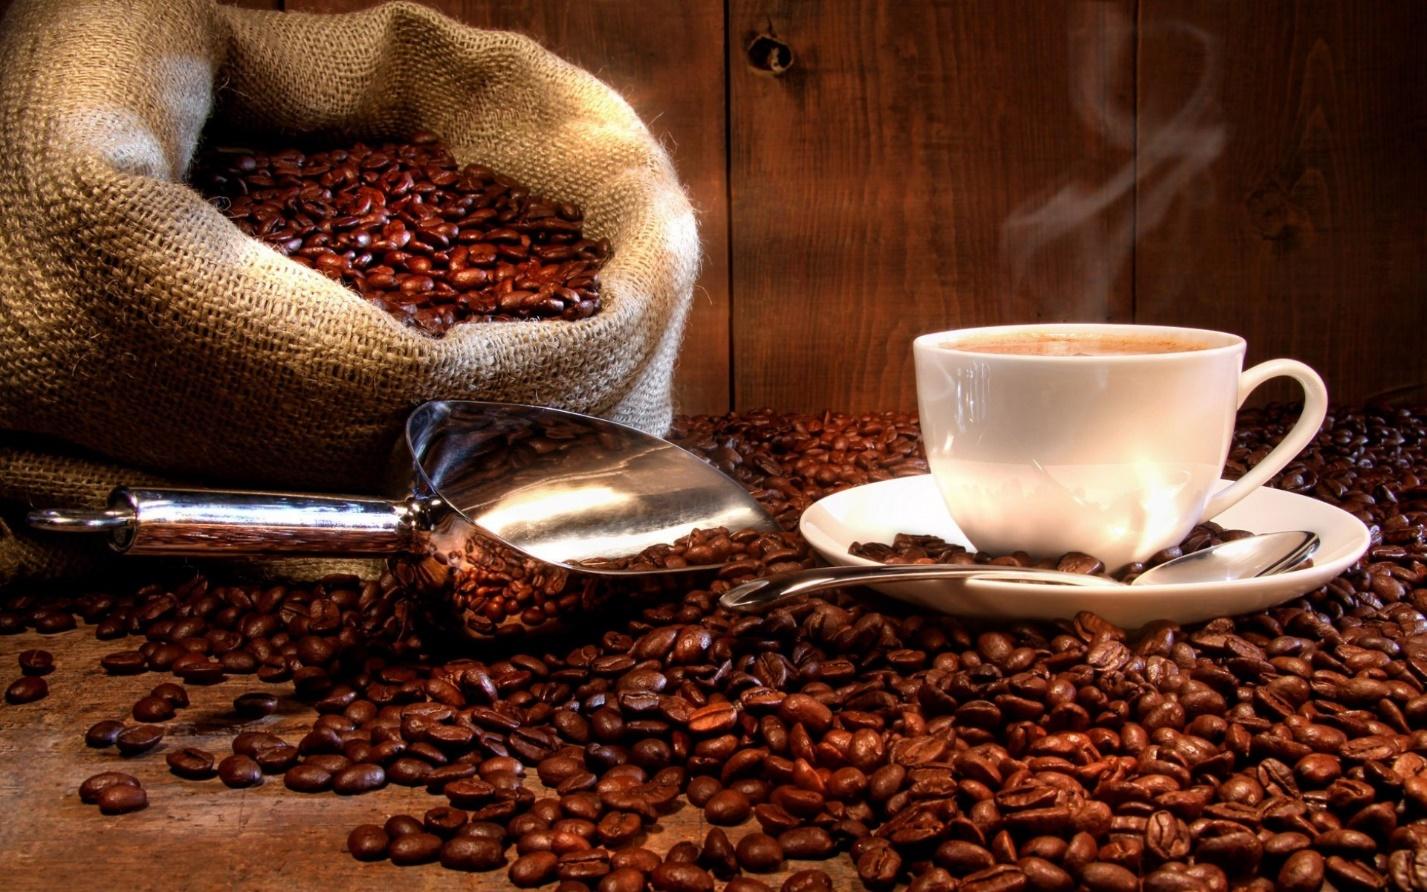 обнажения девушки с кофе